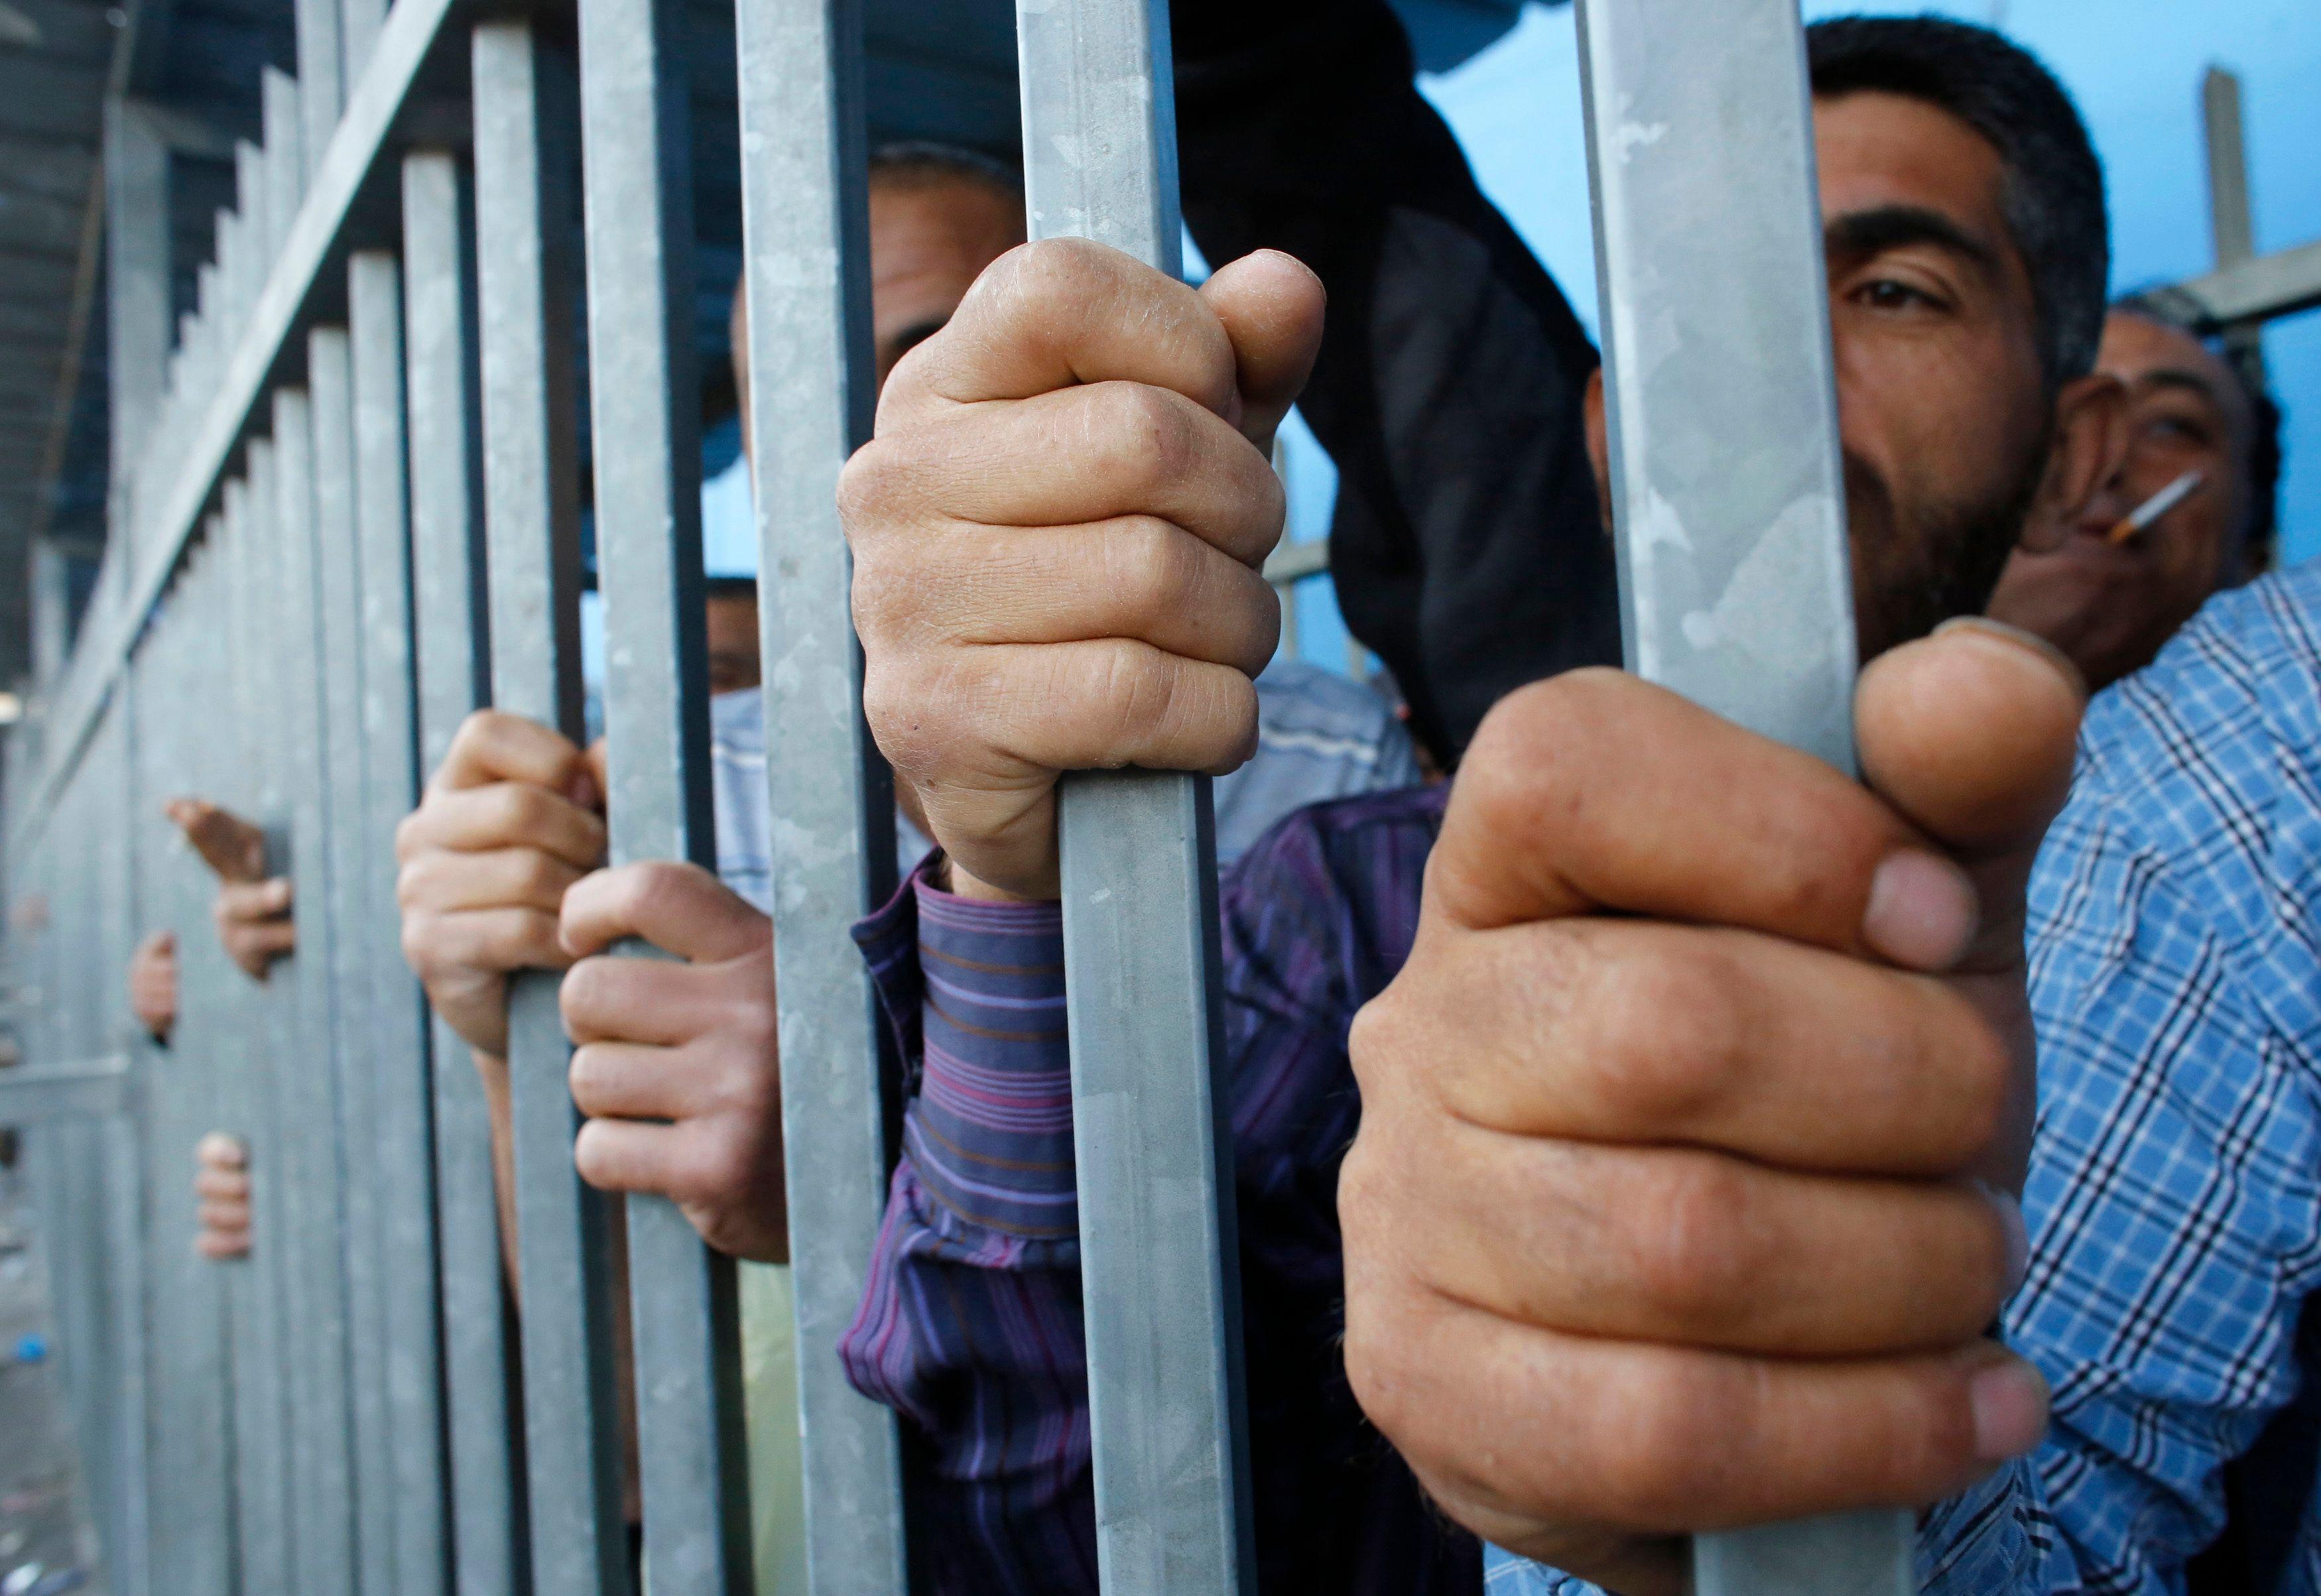 Insécurité et prisons : la France en pleine descente aux enfers